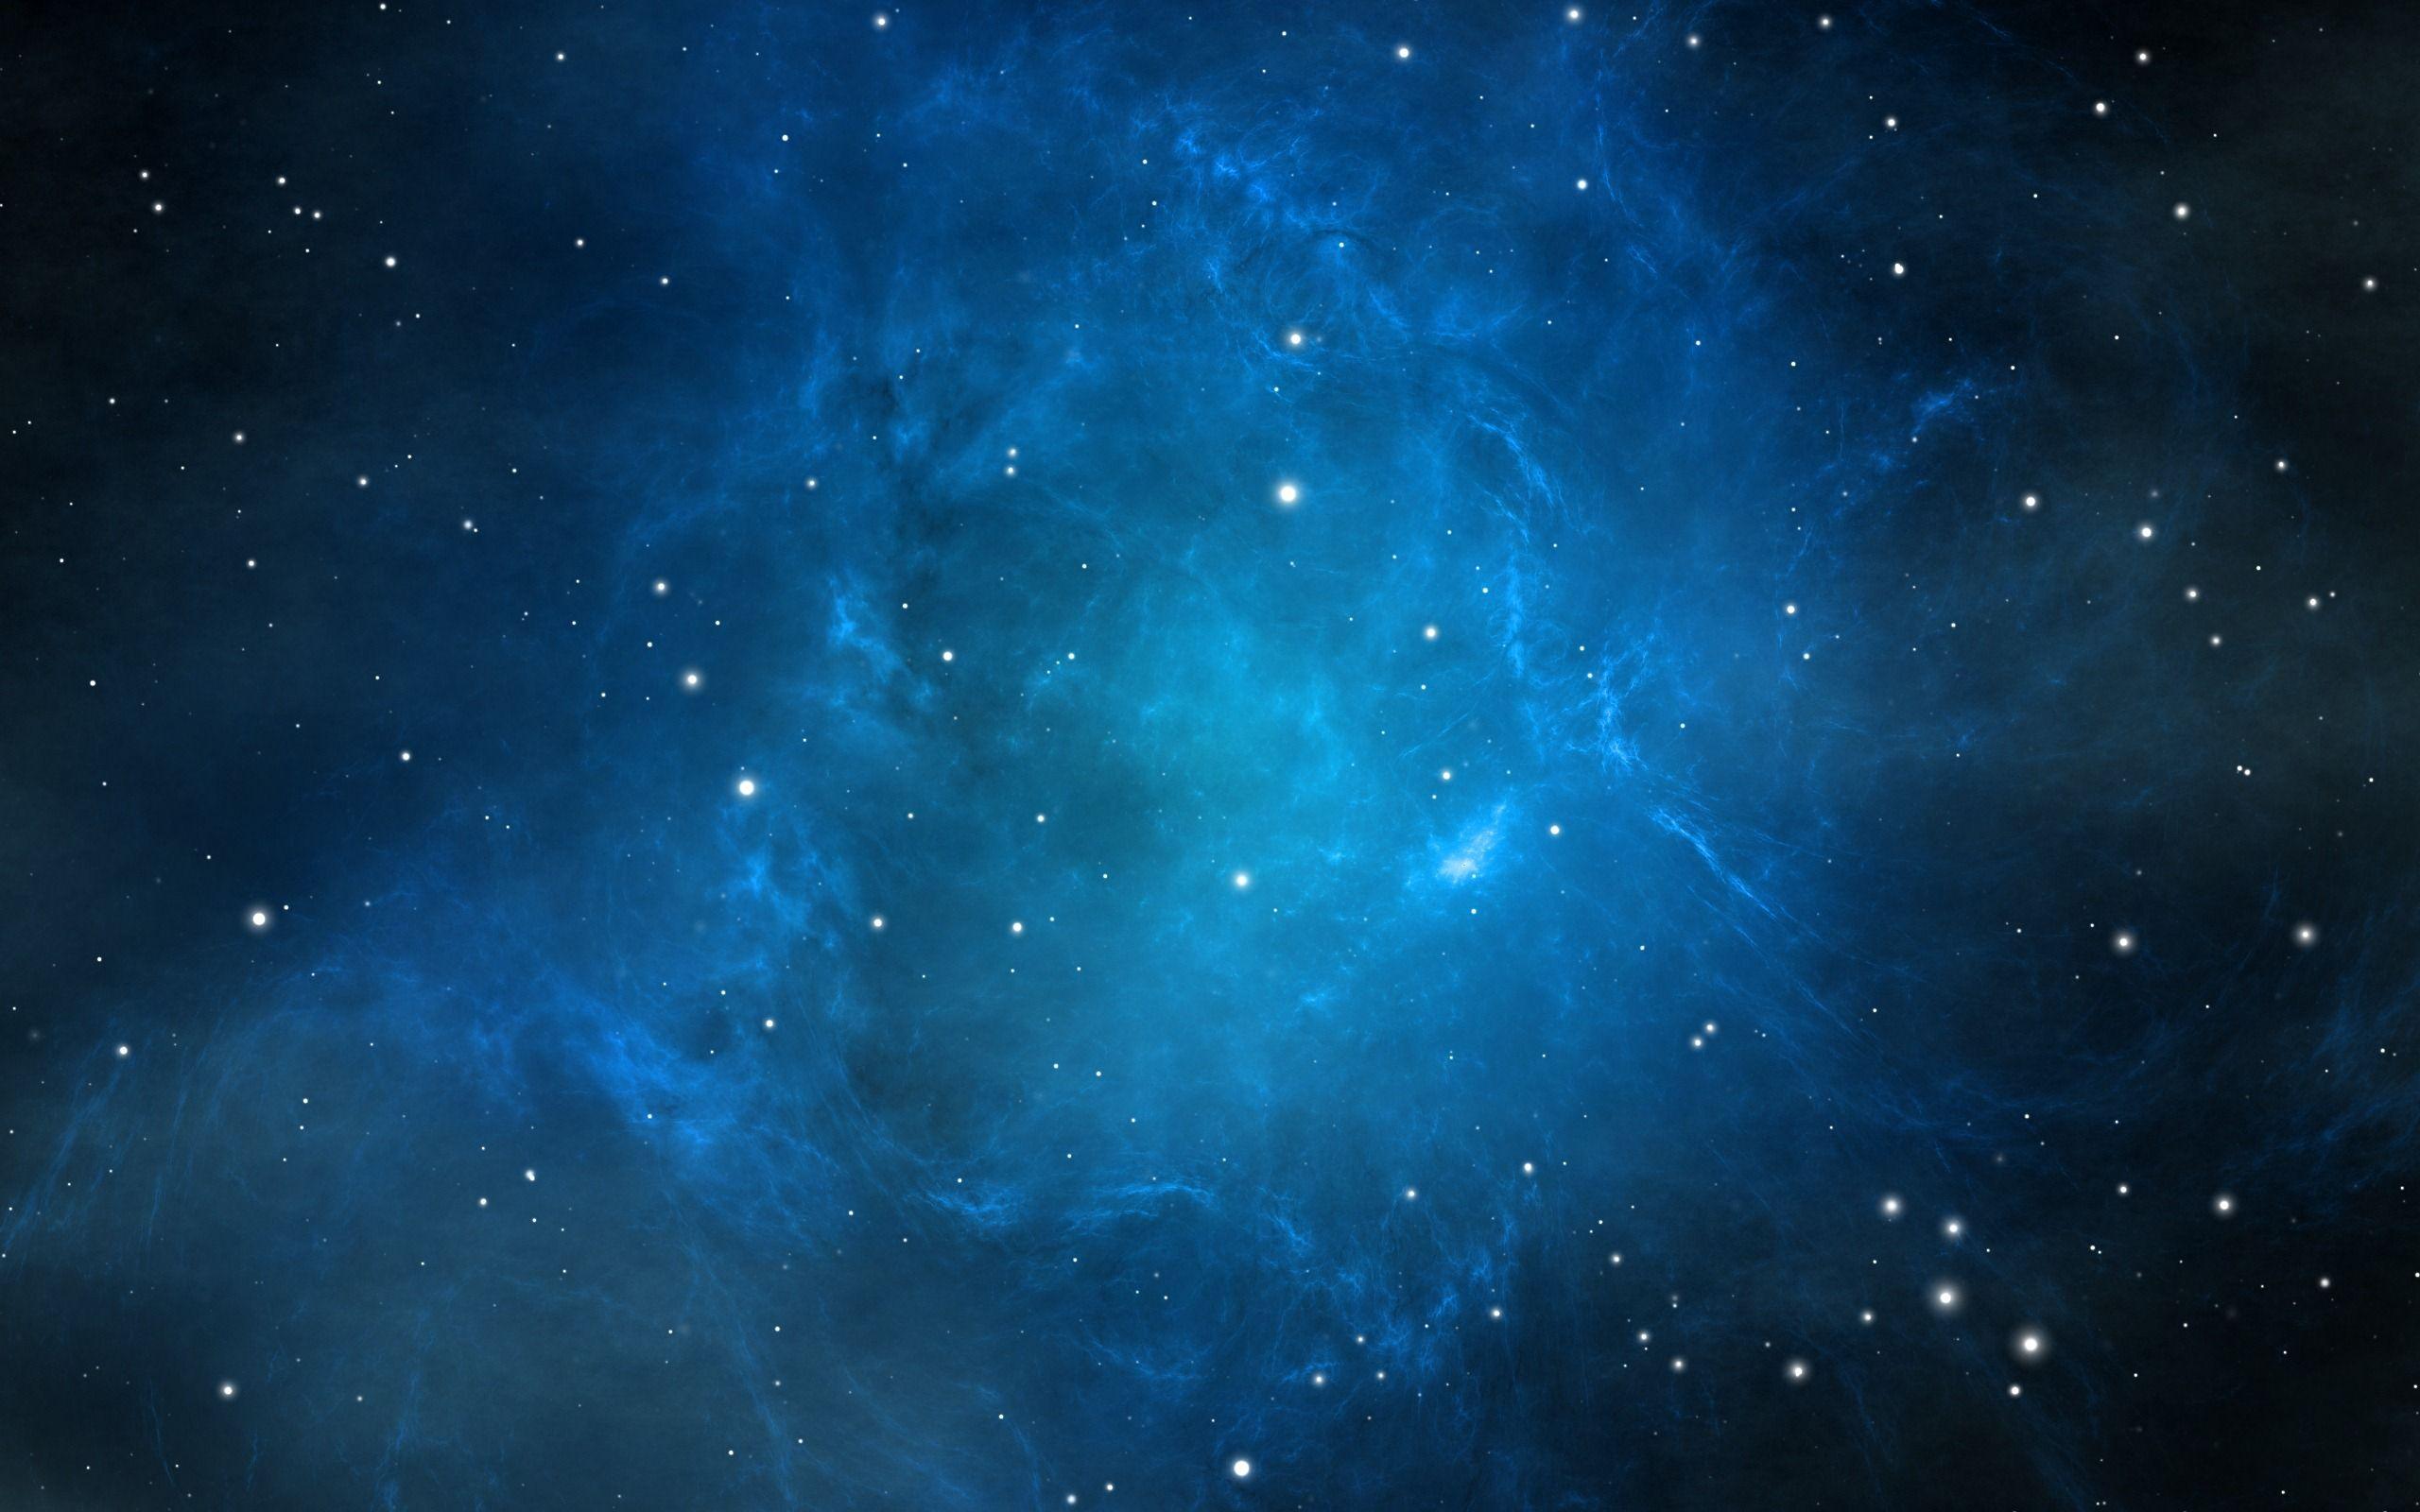 Black Star Blue Galaxy Wallpaper Nebula Hd Galaxy Wallpaper Hd wallpaper stars space light nebula